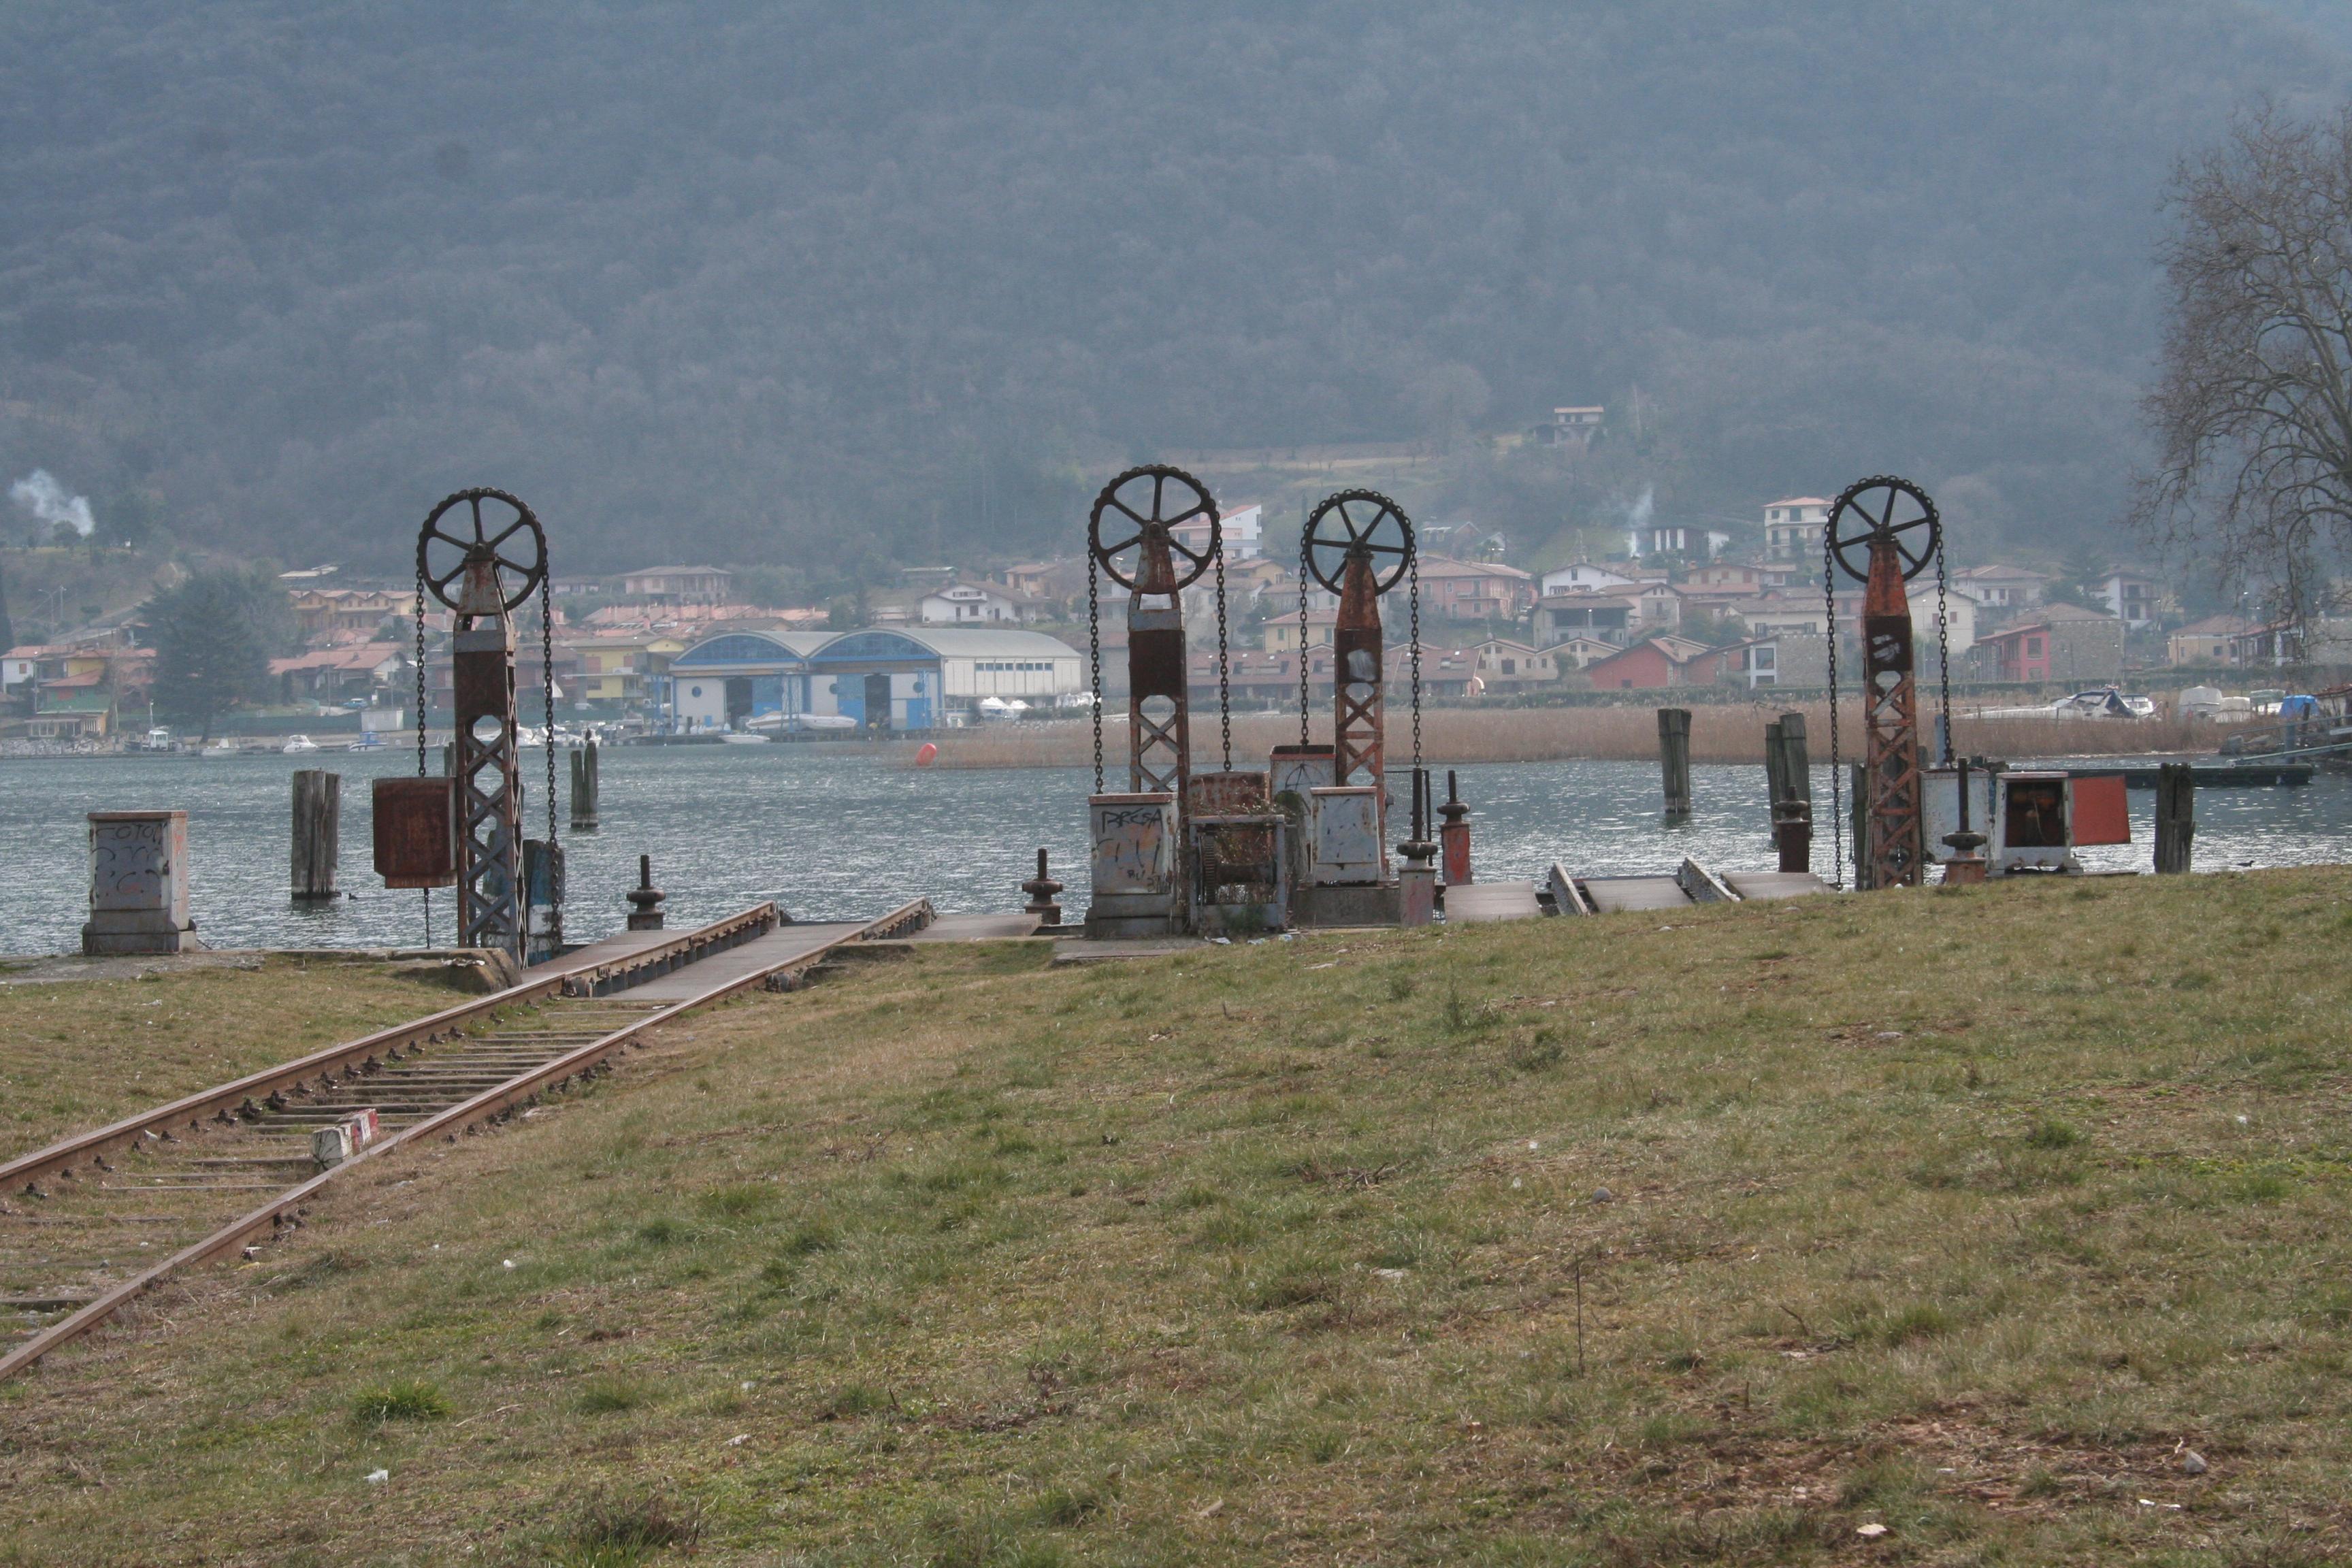 Sopralluogo cantiere, Gennaio 2010